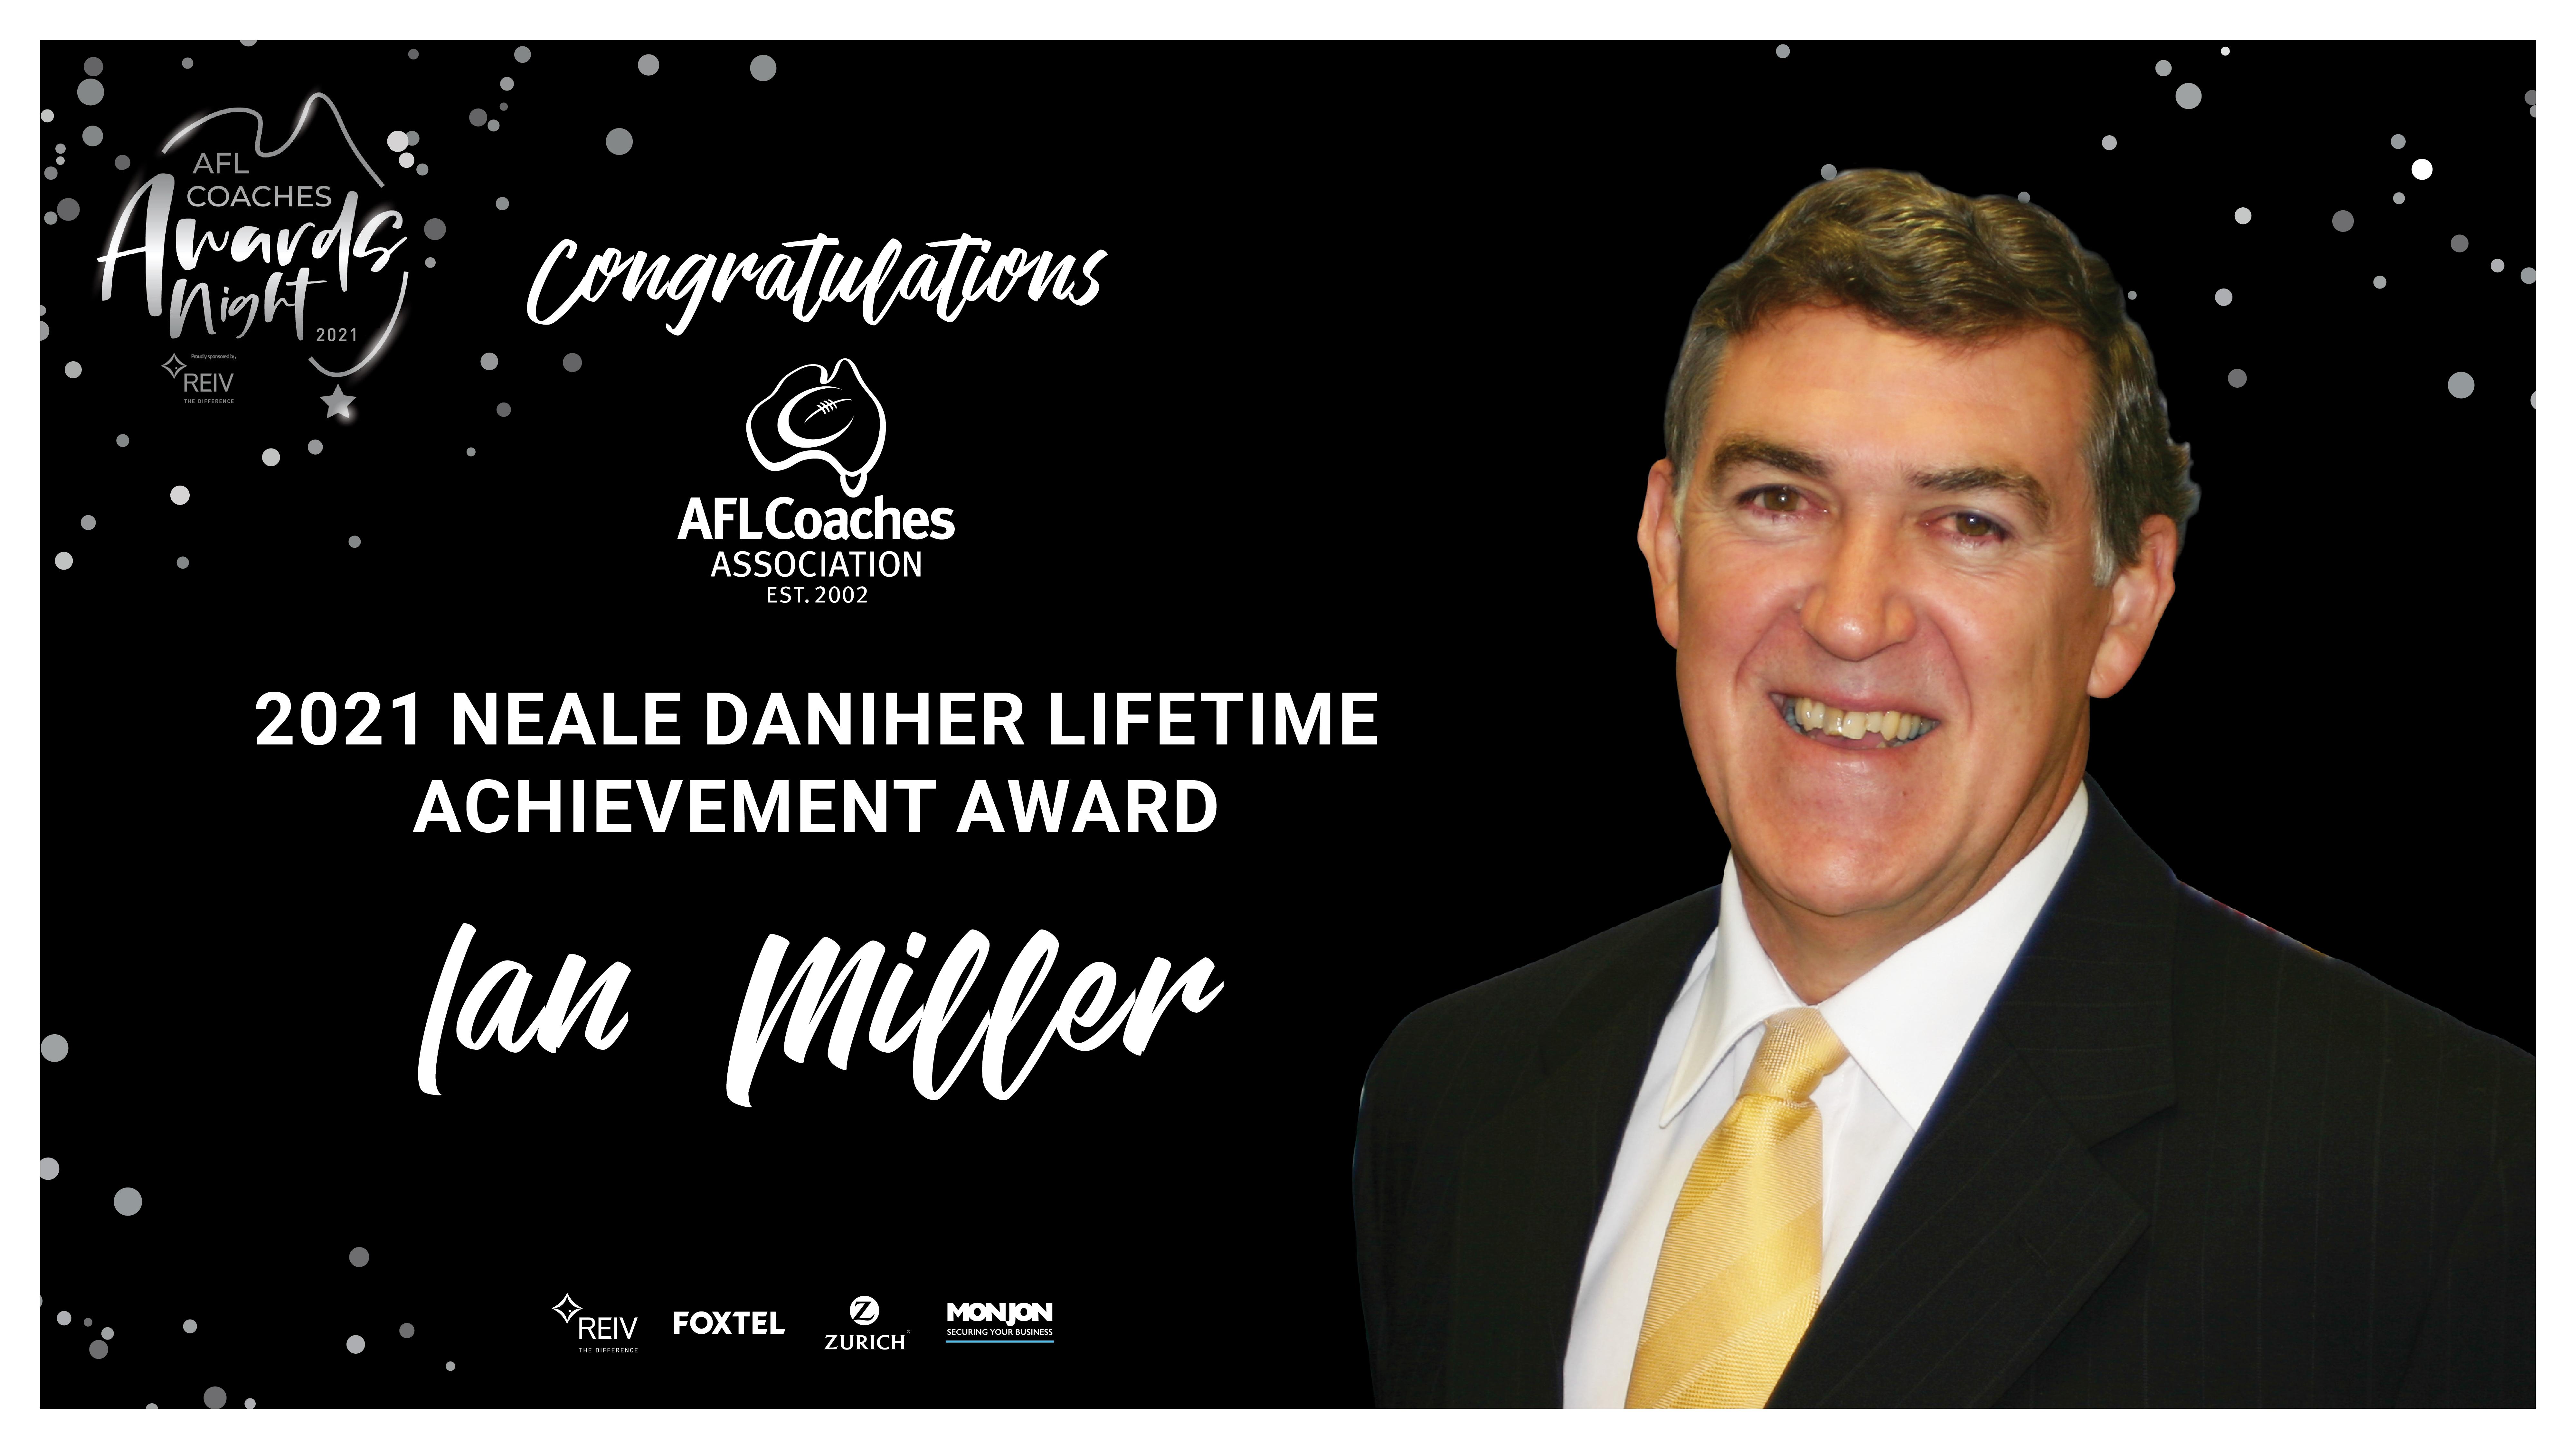 Neale Daniher Lifetime Achievement Award